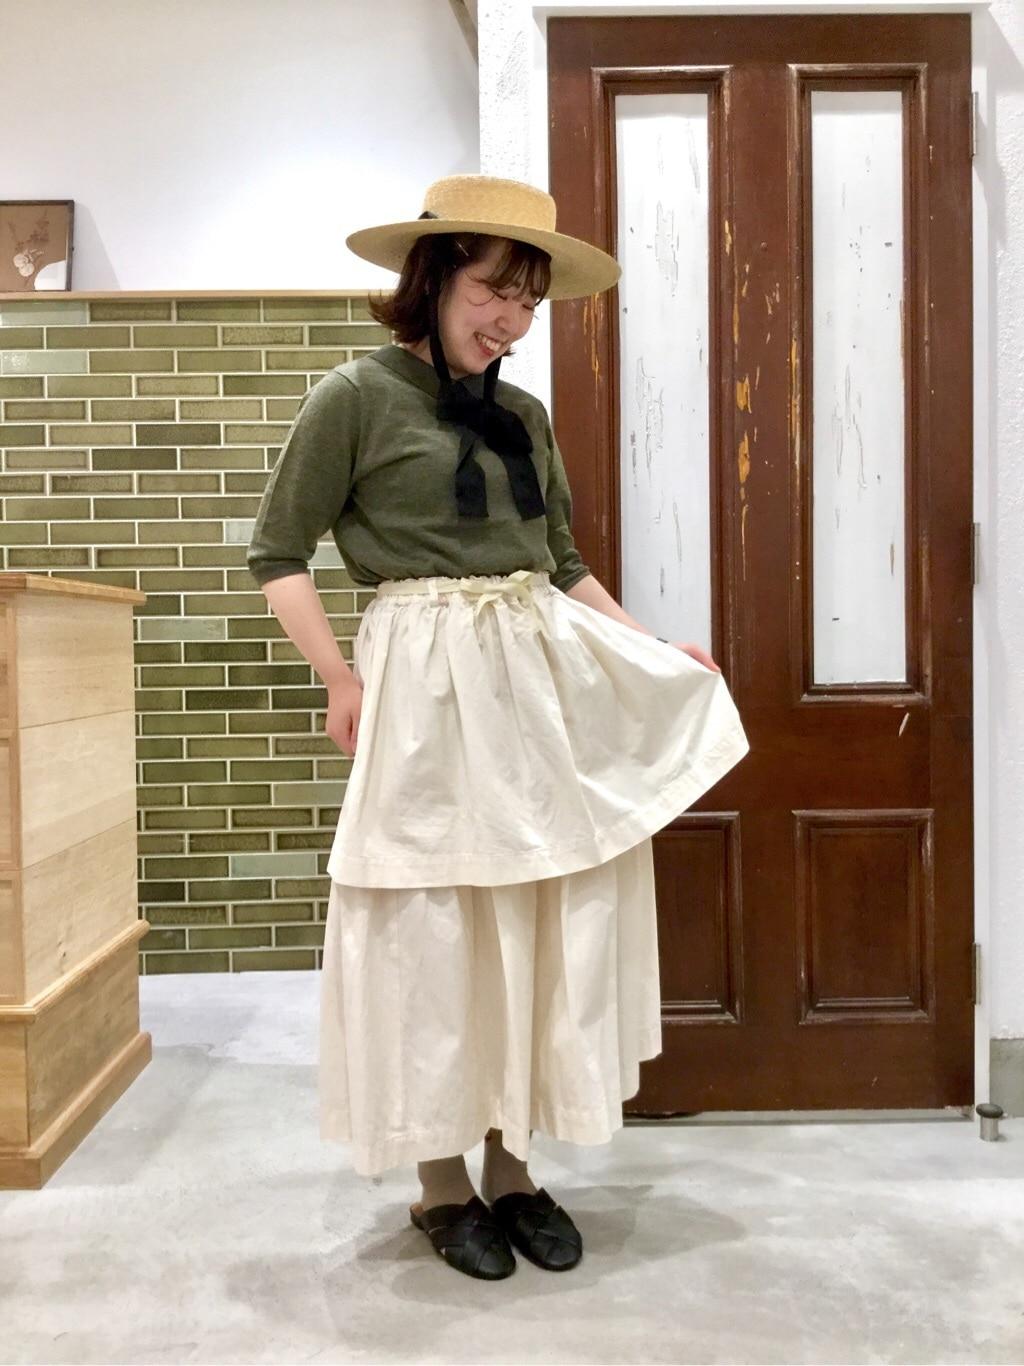 AMB SHOP chambre de charme FLAT AMB 名古屋栄路面 身長:155cm 2020.07.09